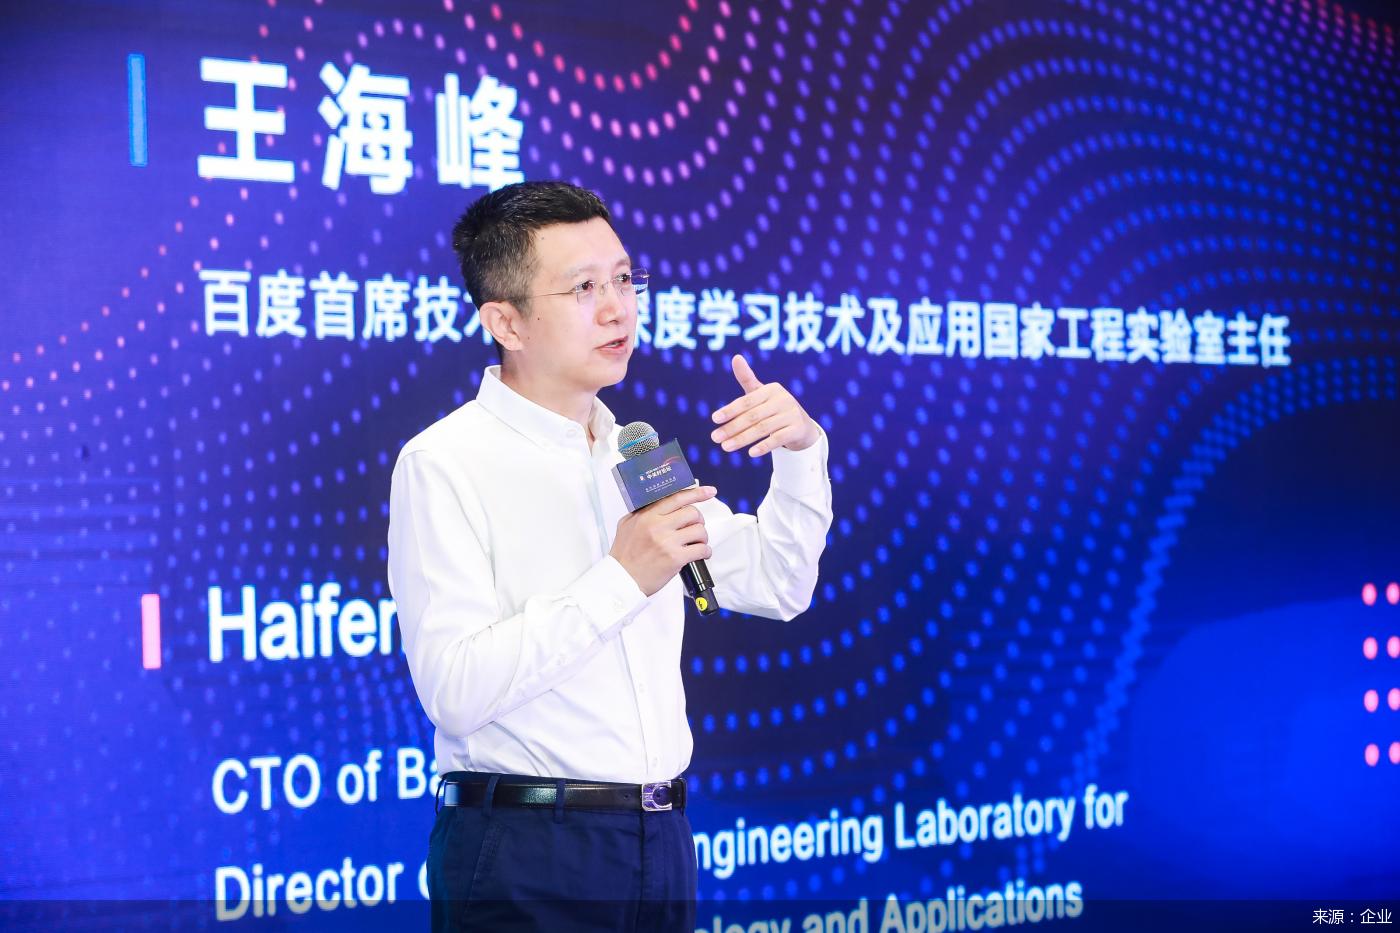 百度CTO王海峰2020中关村论坛演讲:AI开源创新加速人工智能发展